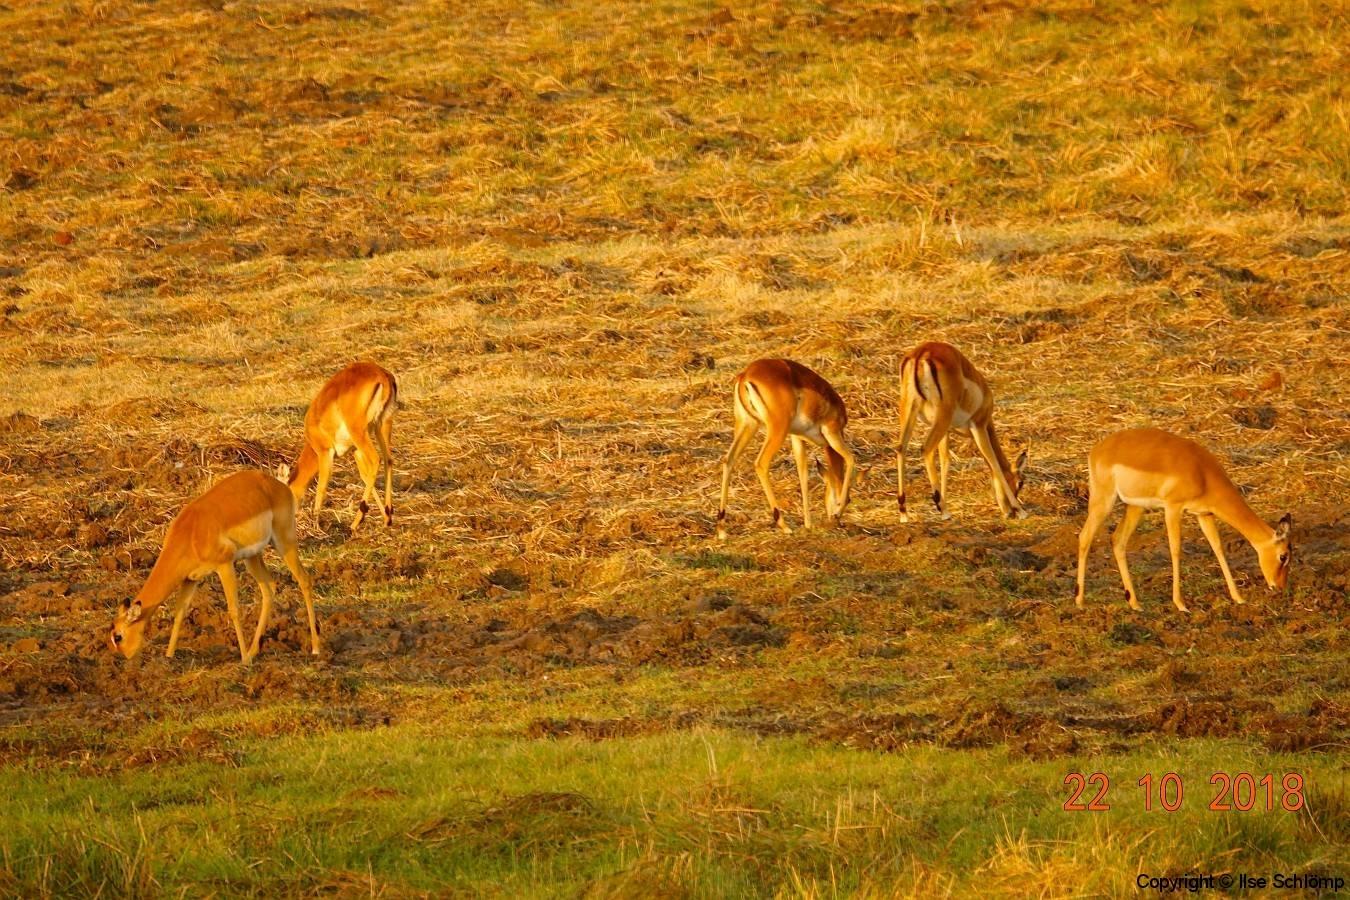 Simbabwe, Hwange Nationalpark, Elephants Eye, Impalas